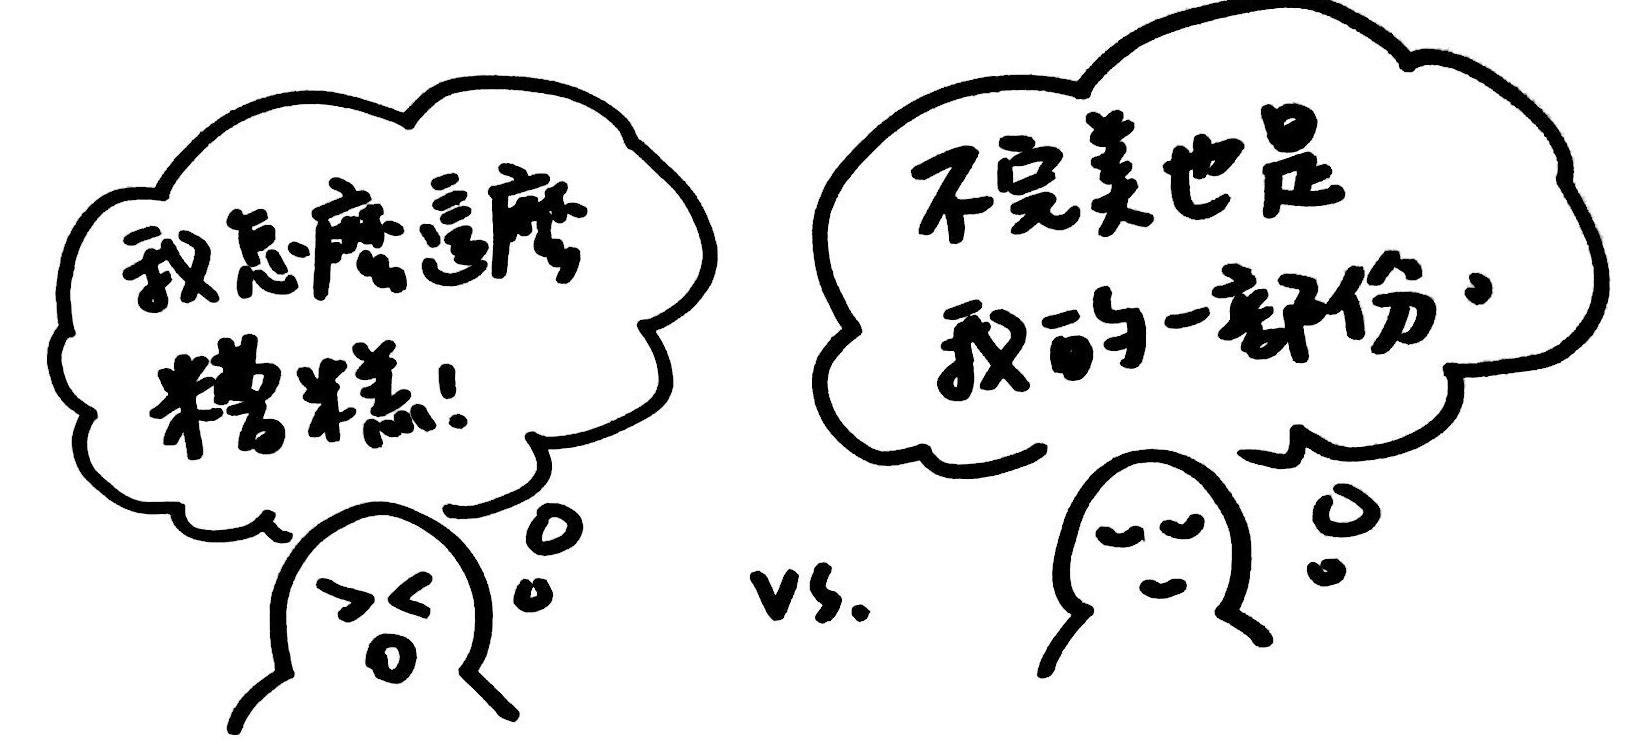 女人迷 merci 選書 插圖3